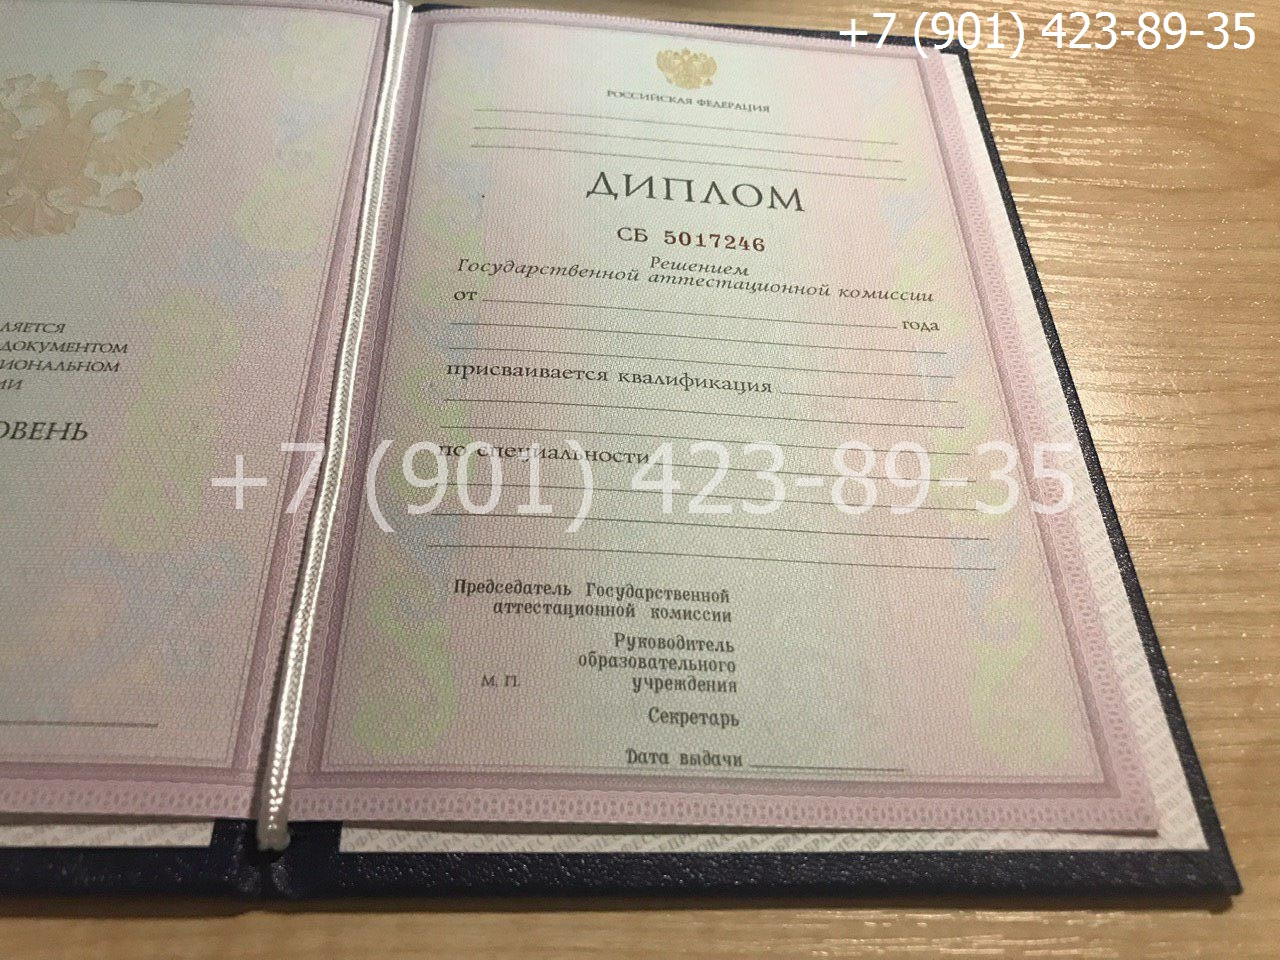 Диплом колледжа 2004-2006 годов, старого образца, титульный лист